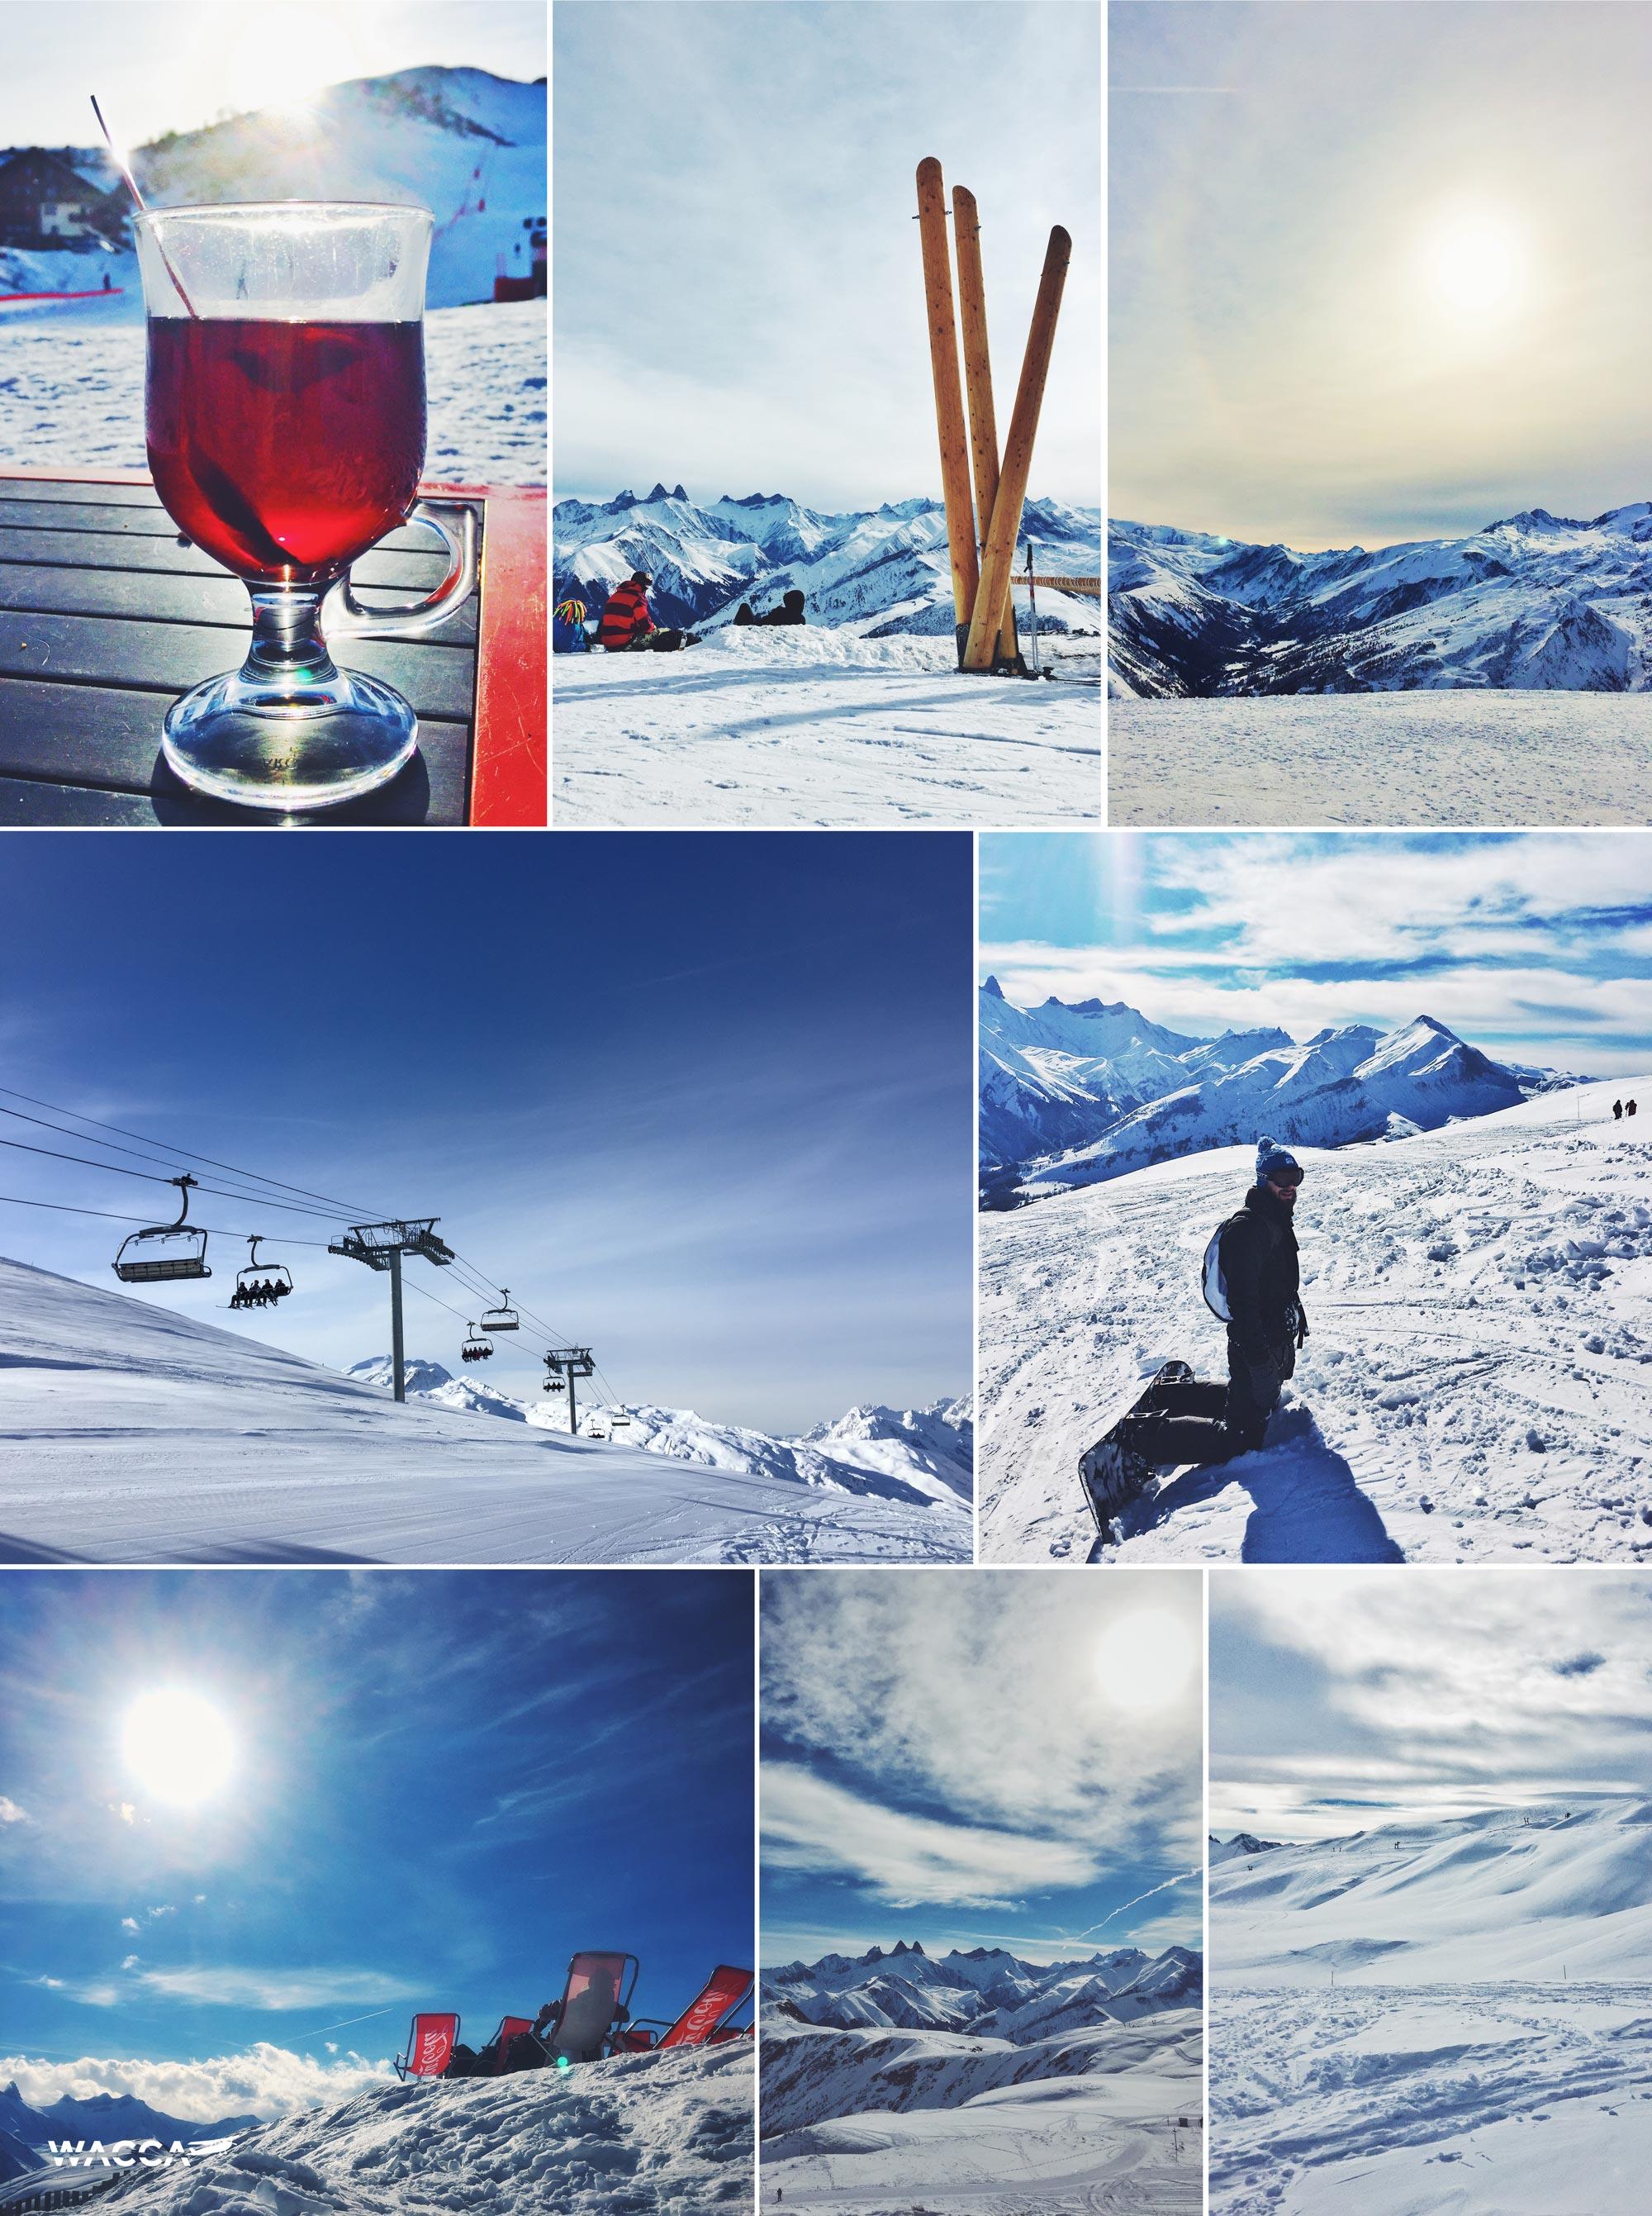 wacca-reisjaar-2017-skivakantie